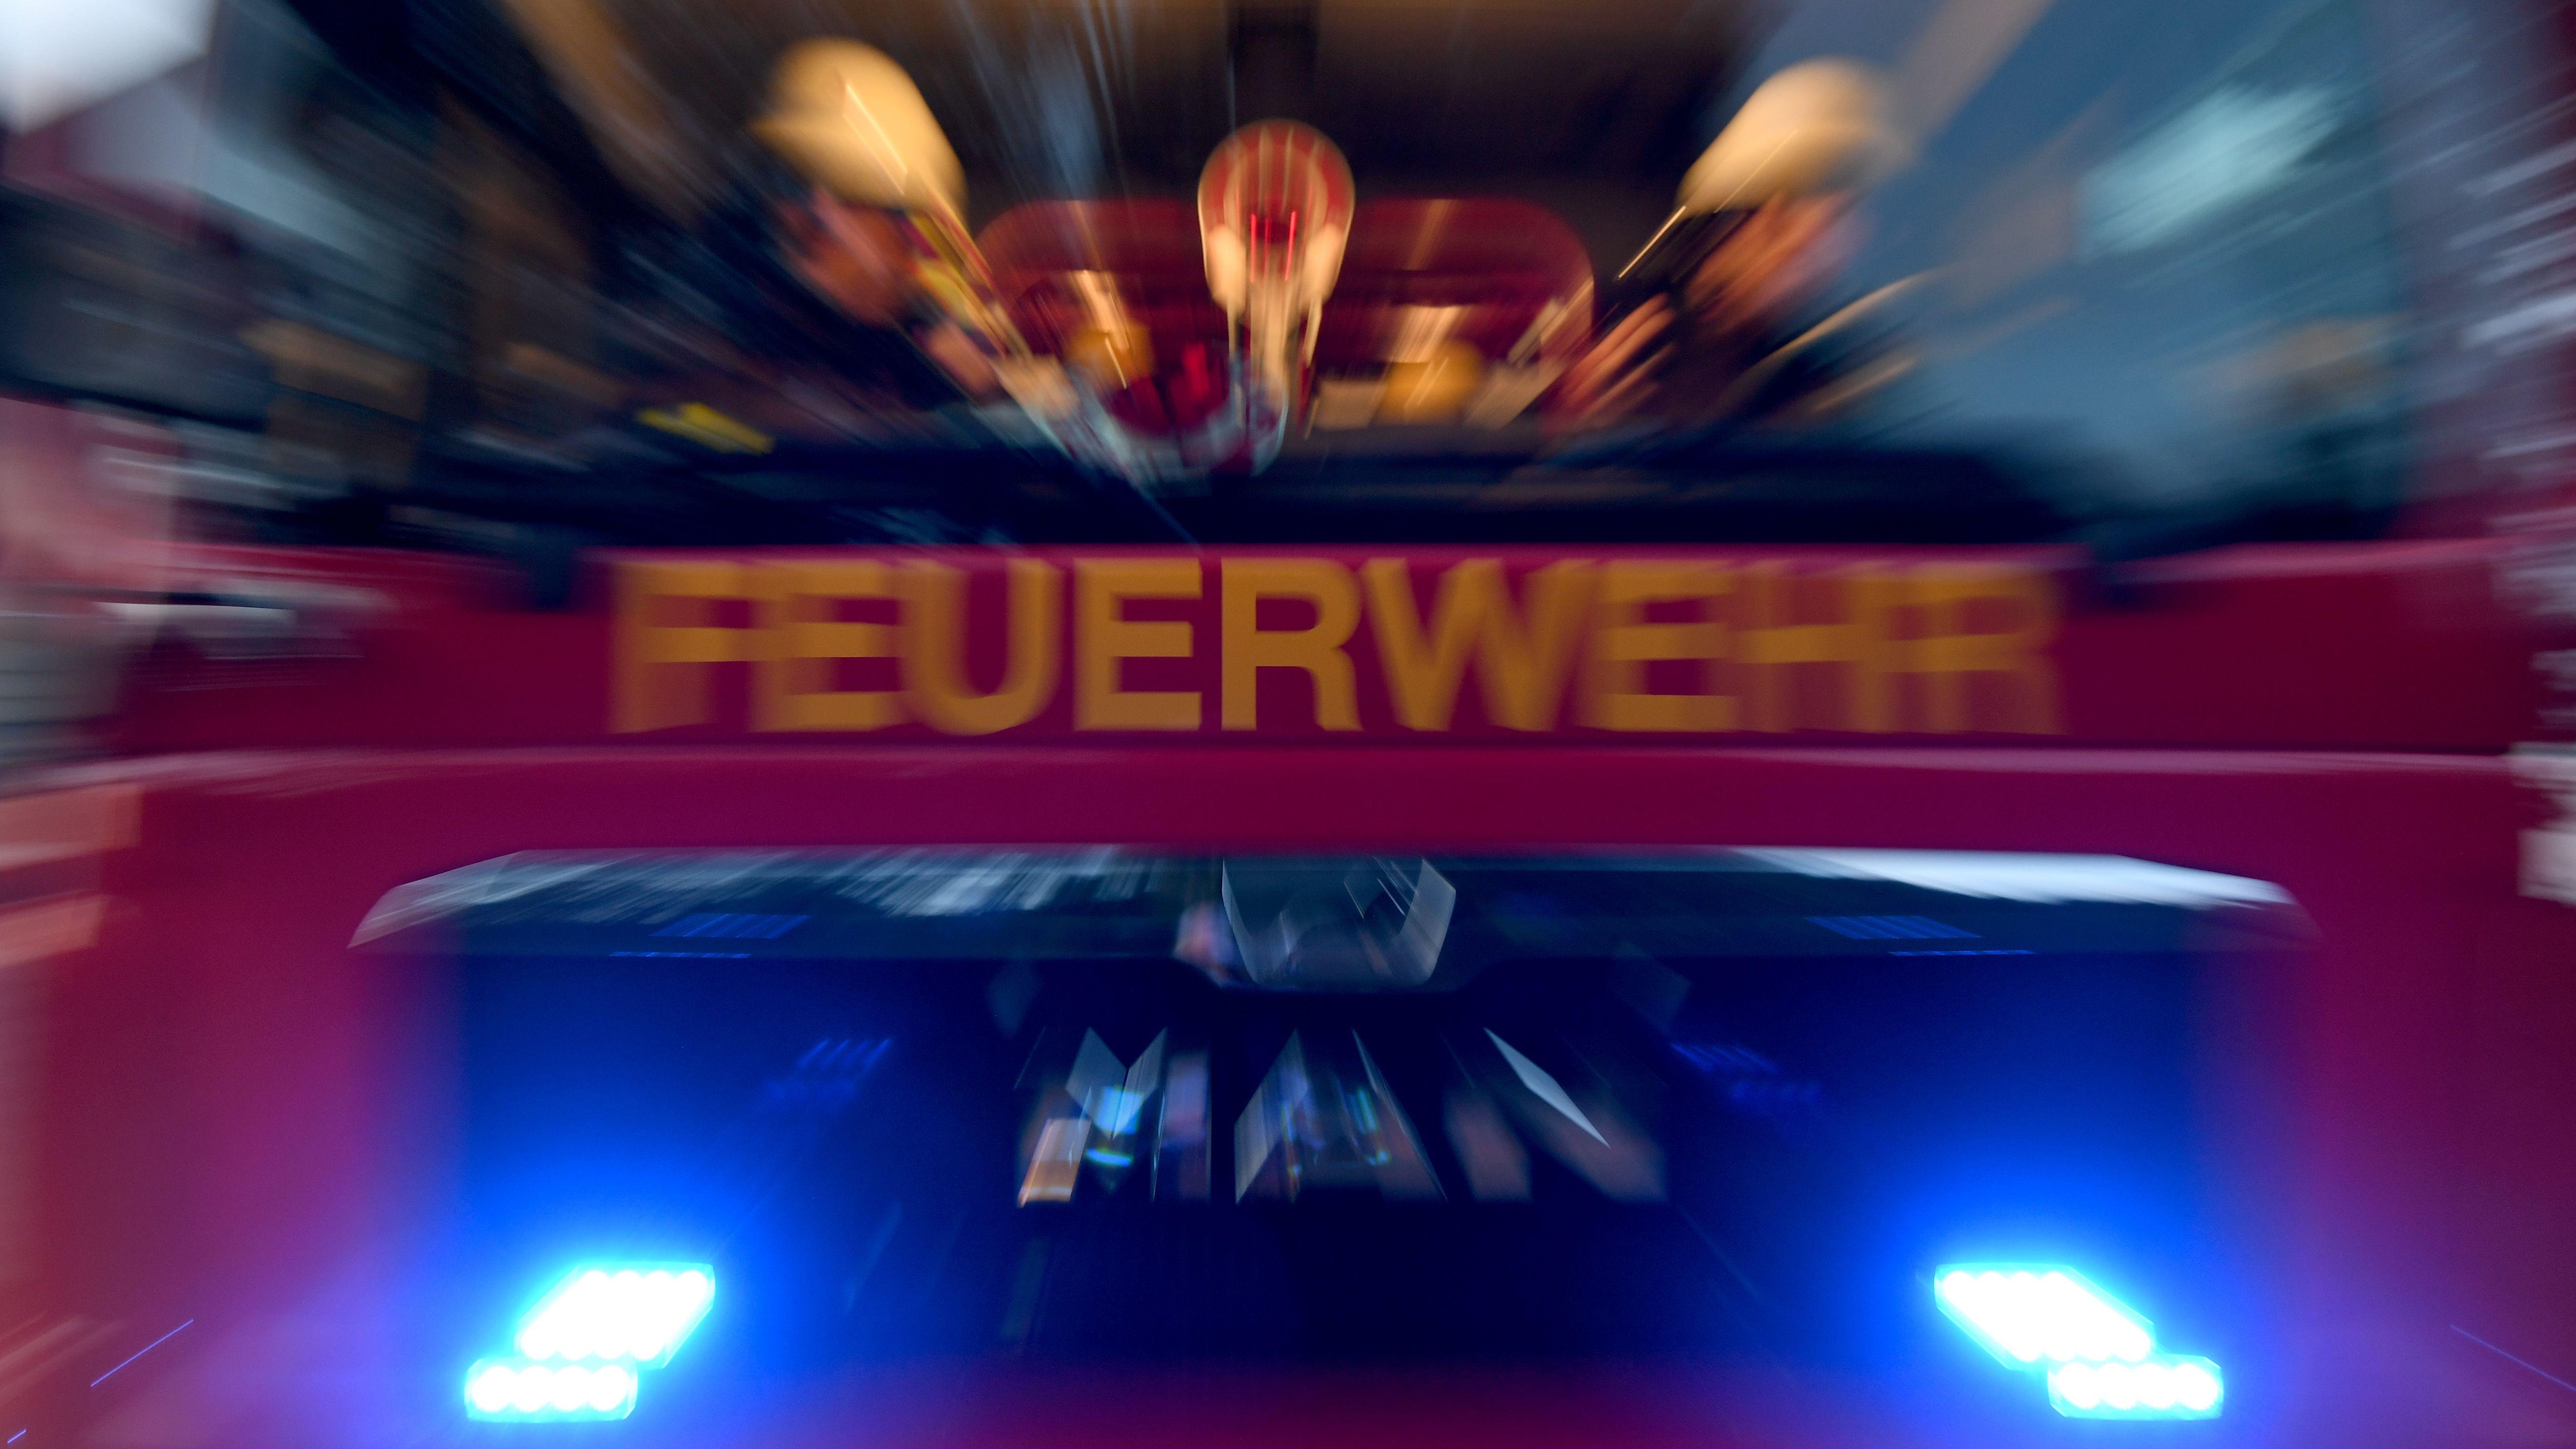 Ein Feuerwehrauto von vorne mit Besatzung